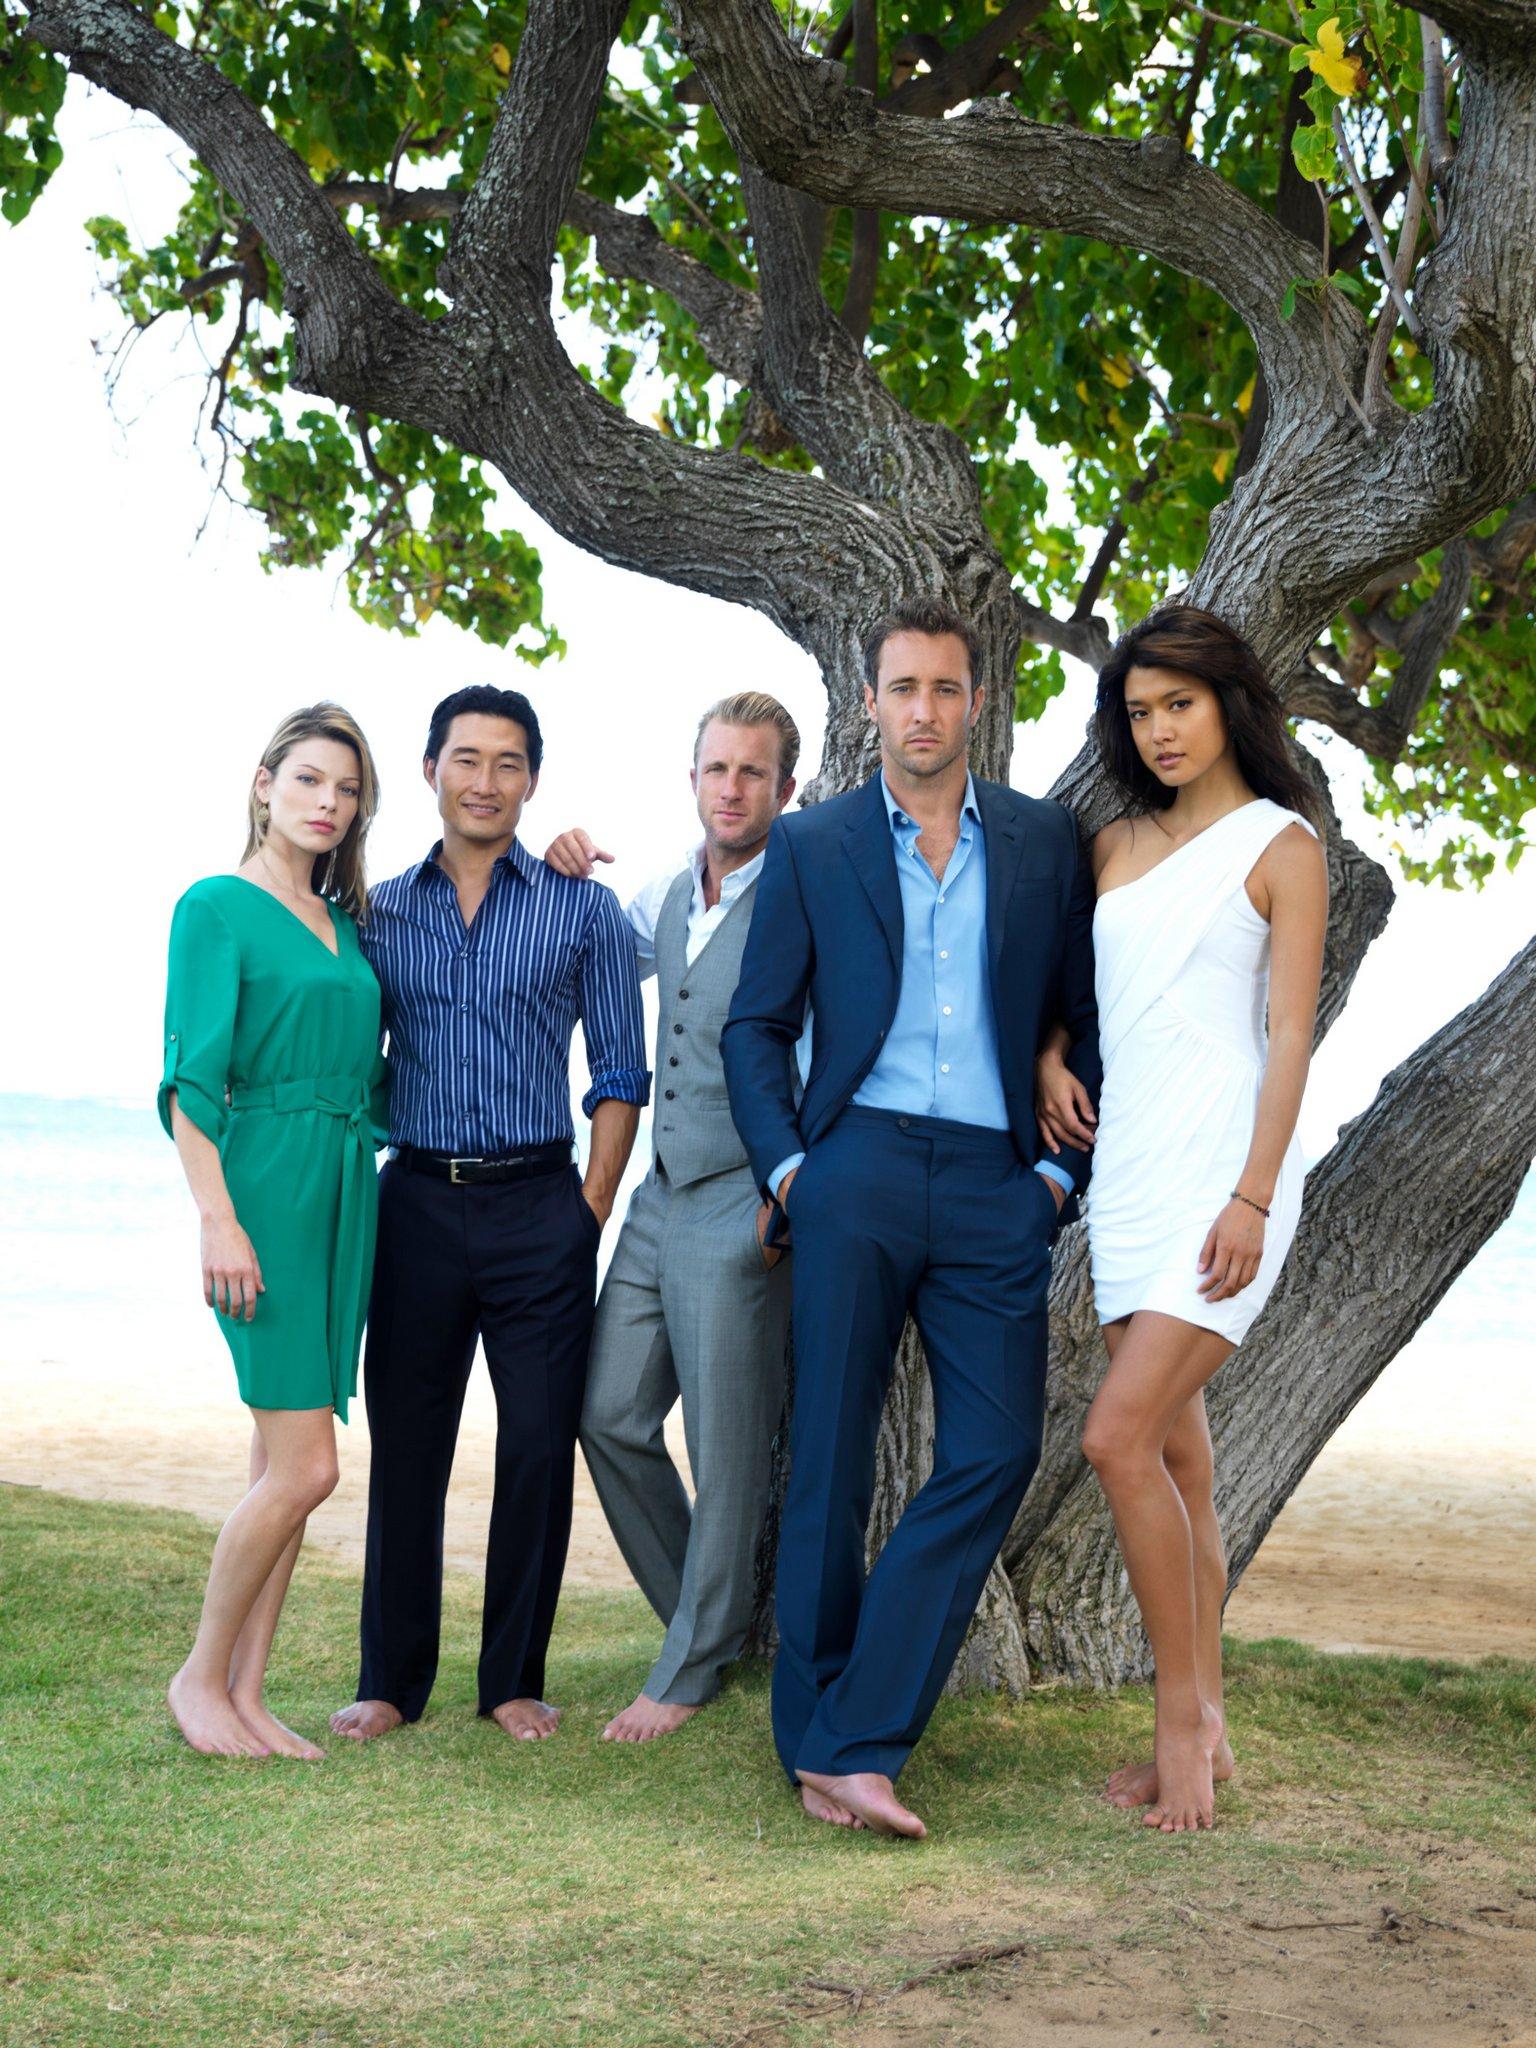 Hawaii Five O Ganze Folgen Deutsch